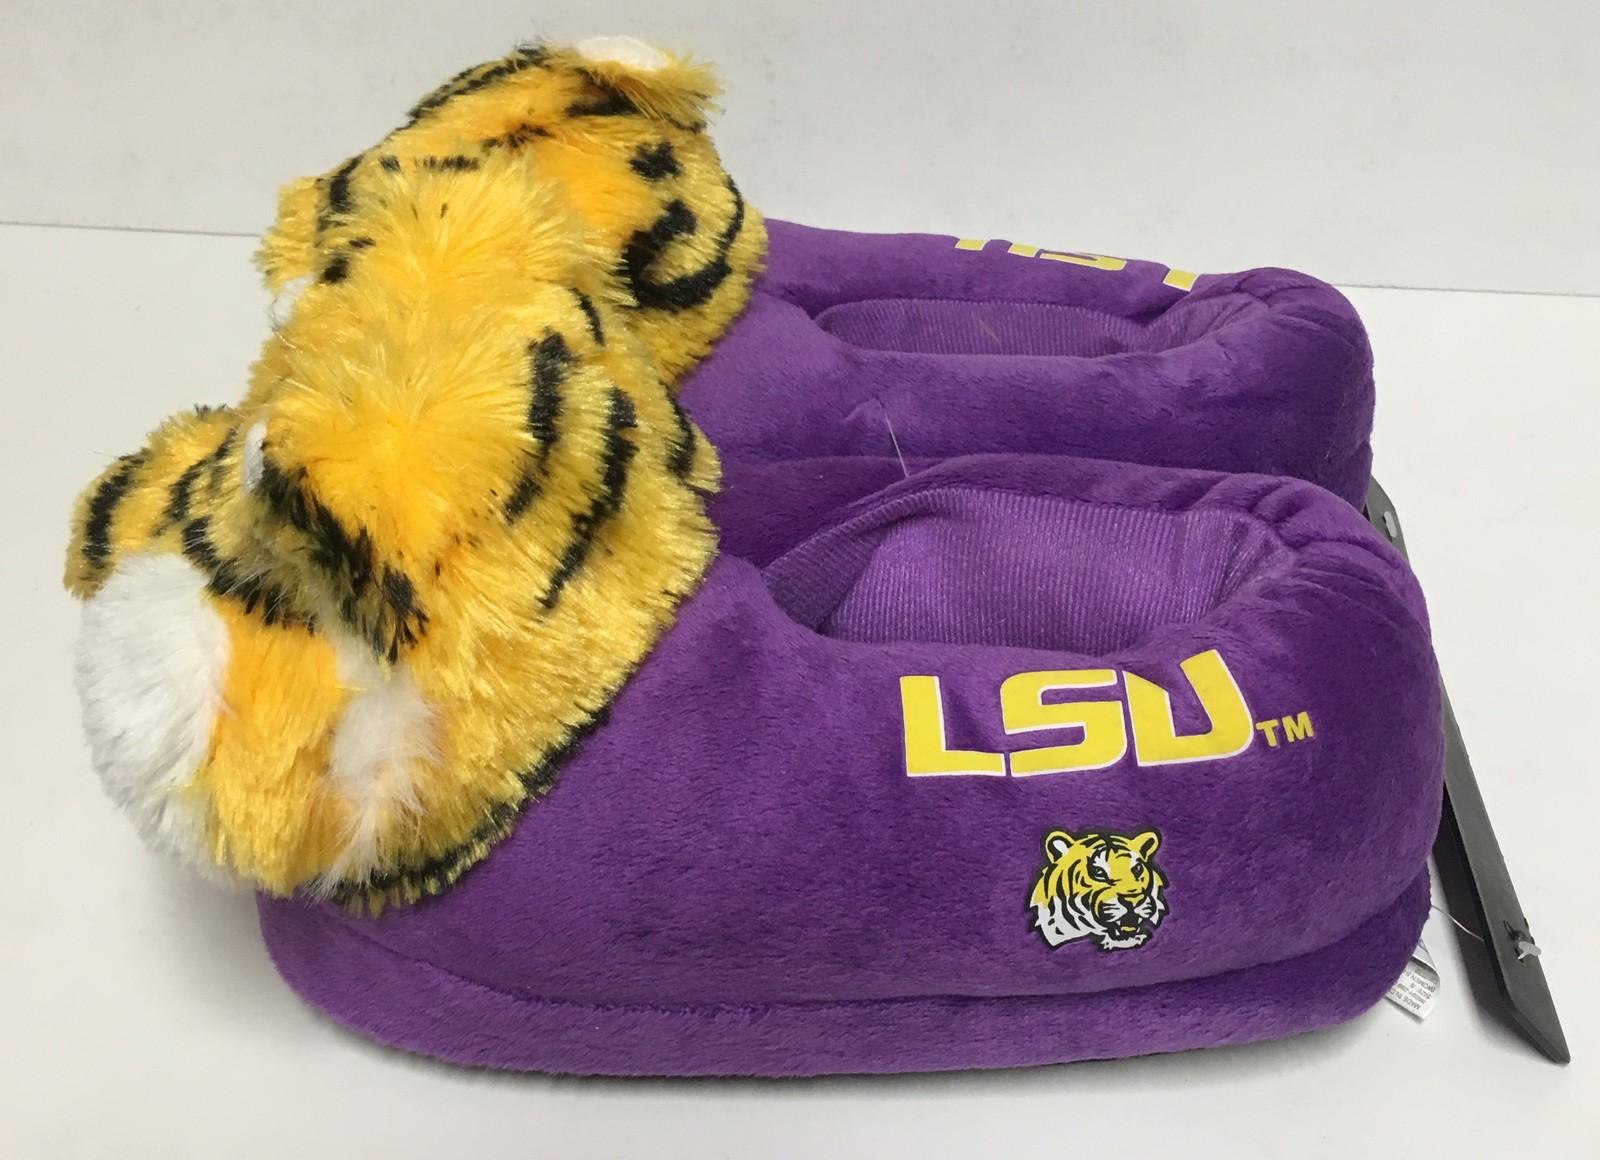 LSU Louisiana State University Women'a Slippers Many Sizes Purple Tigers image 5